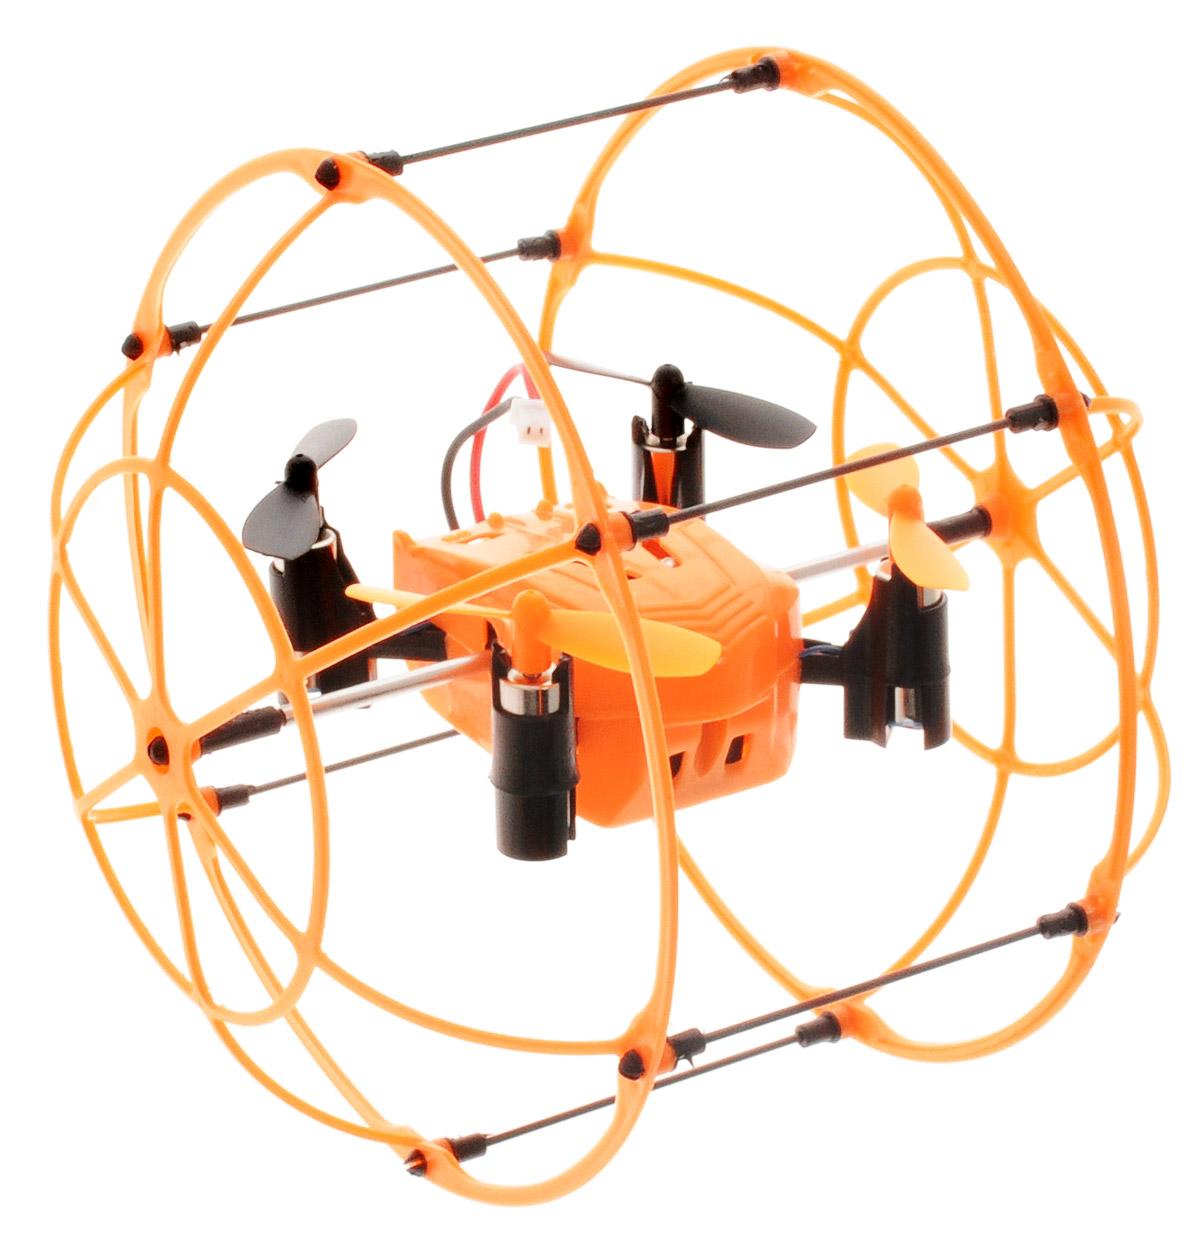 """Квадрокоптер на радиоуправлении От винта! """"Fly-0246"""" доставит много радости и позитивных эмоций не только детям, но и взрослым. Квадрокоптер работает от сменного аккумулятора, который перед запуском игрушки необходимо зарядить (зарядное устройство входит в комплект, время зарядки составляет 60 минут). Квадрокоптер можно использовать как в просторном помещении без препятствий, так и на улице в теплую, солнечную и безветренную погоду. Высокотехнологичный встроенный 6-осевой гироскоп стабилизирует квадрокоптер при запуске двигателя после броска или при столкновении. Модель имеет уникальную возможность передвижения по полу, стенам и потолку. Ударопрочный корпус игрушки выполнен из легкого, эластичного материала, который надежно защити модель от повреждений при столкновениях. При падении квадрокоптер подпрыгнет как мячик от пола без каких-либо поломок! Квадрокоптер движется во всех направлениях, обладает боковым полетом, поворачивает на 360 градусов. Имеет два режима скорости и..."""